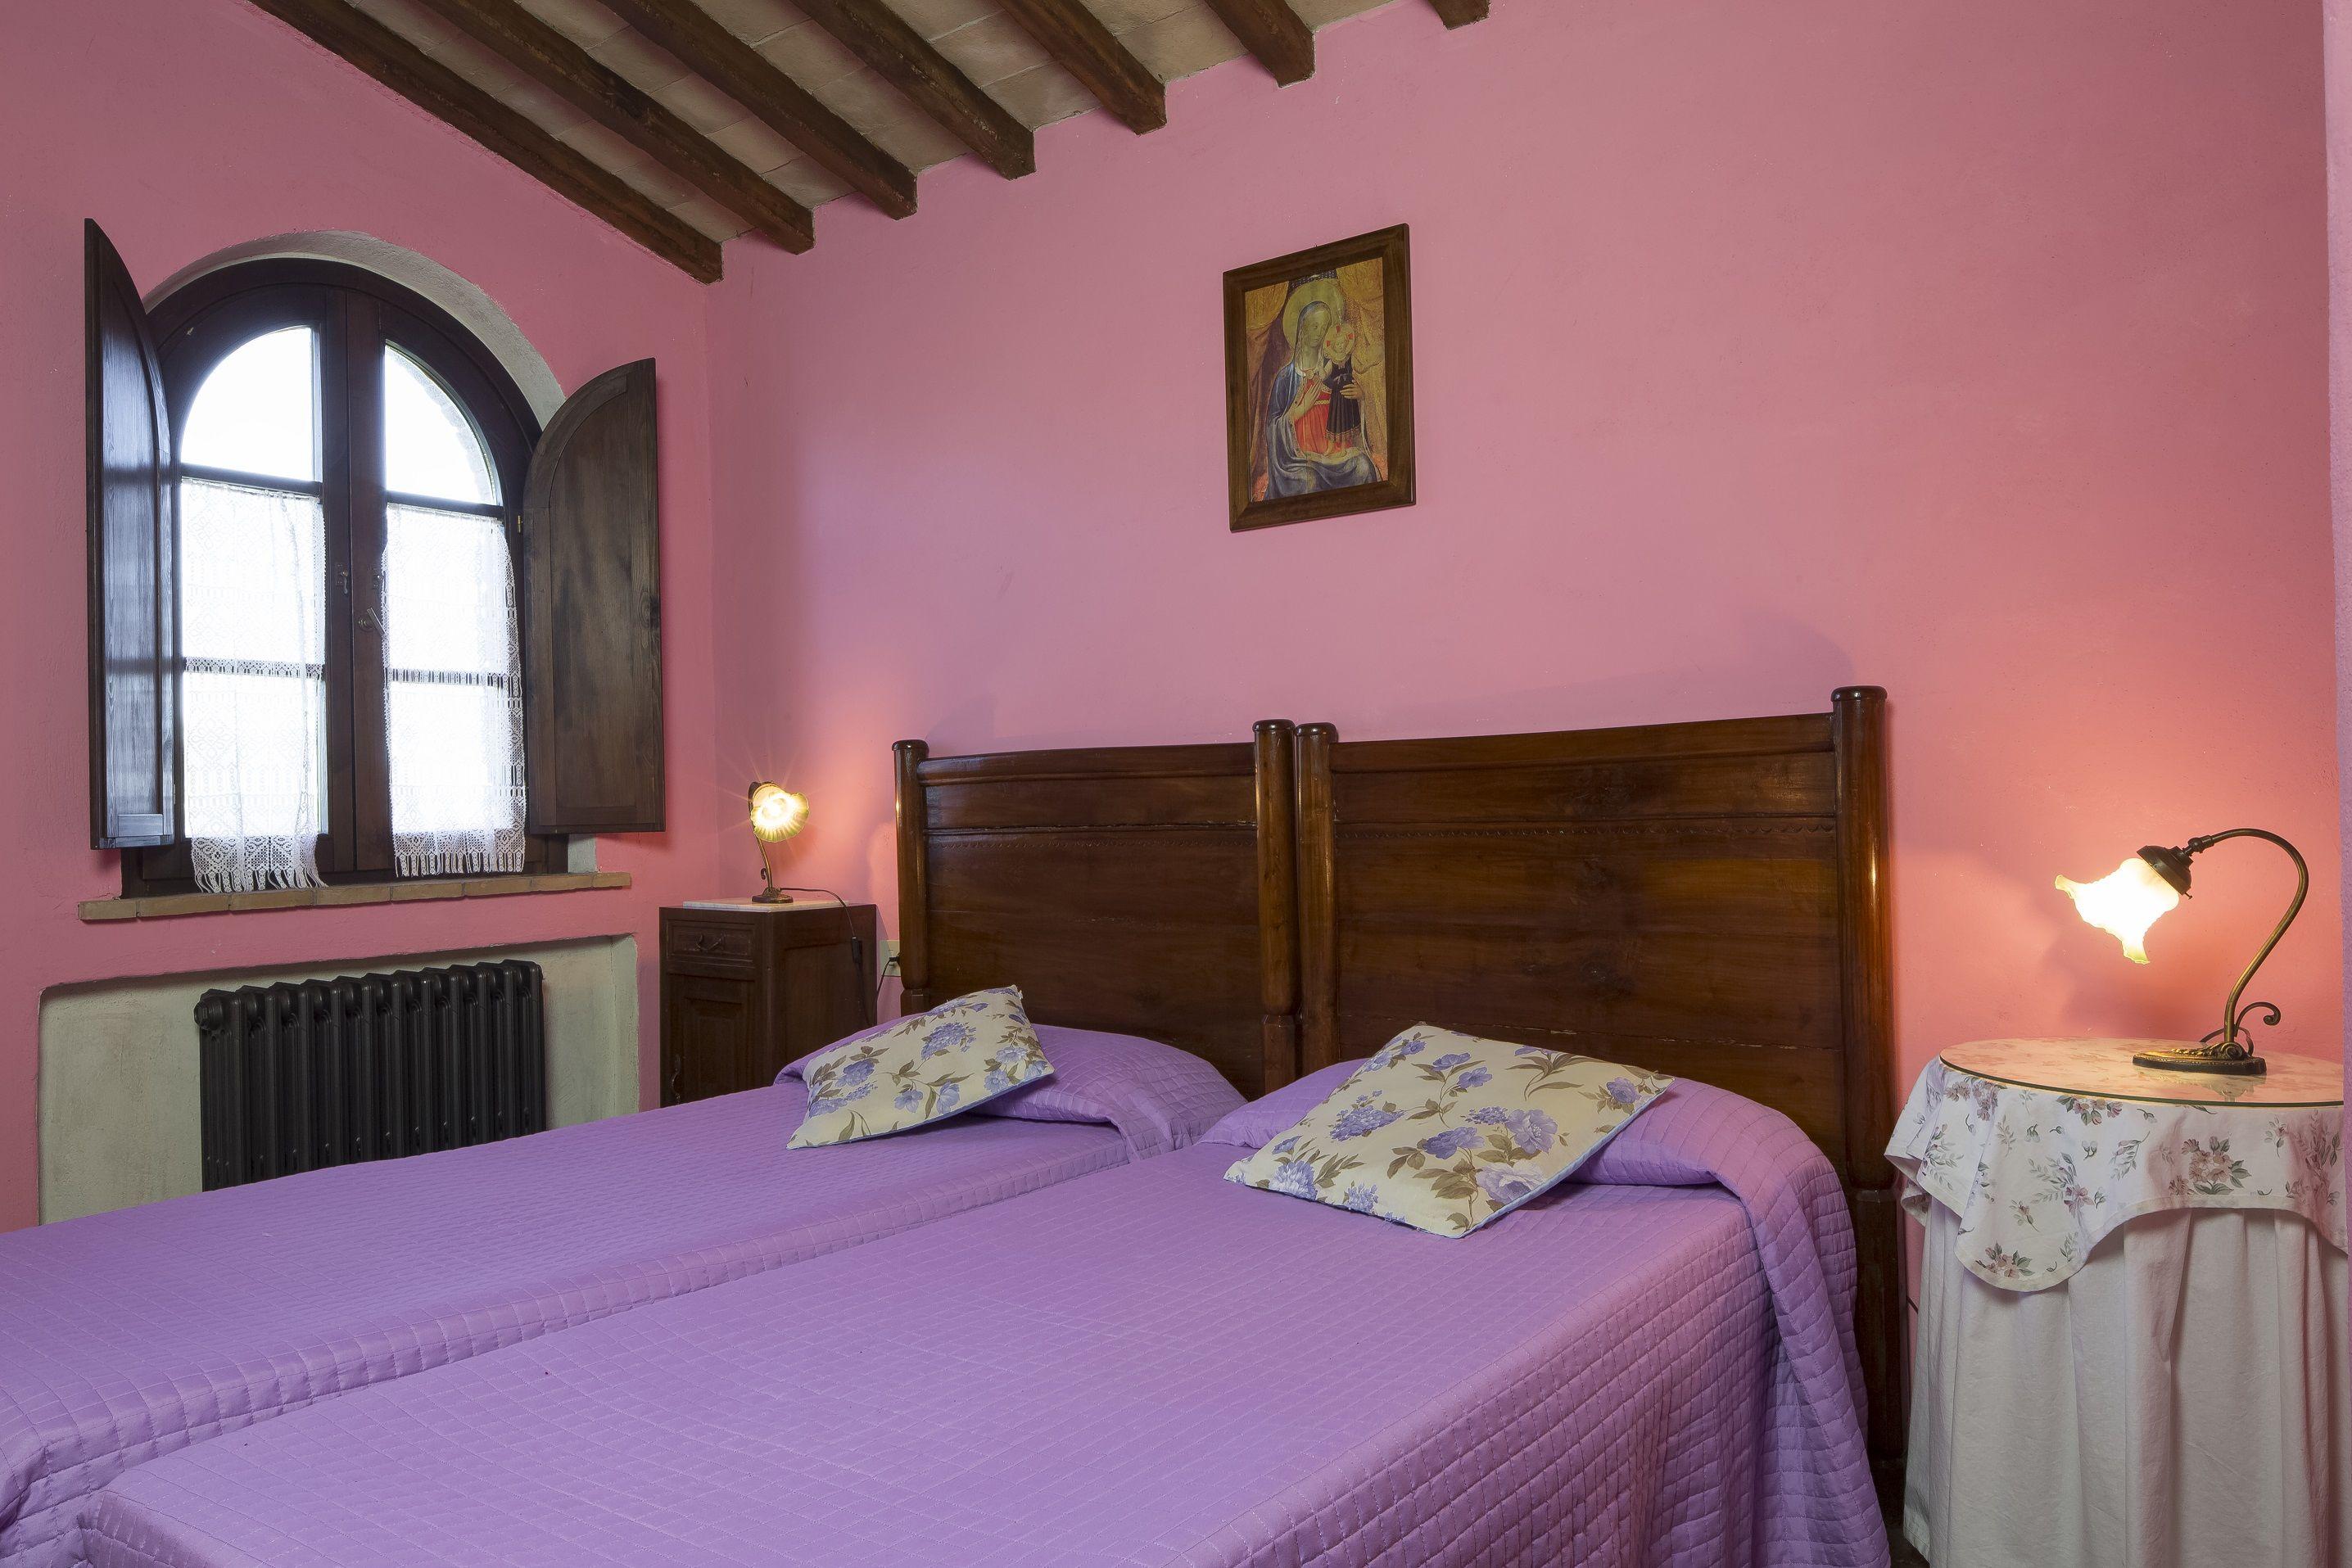 Apartment Podere La Casetta - Fienile Holiday Home photo 16875030